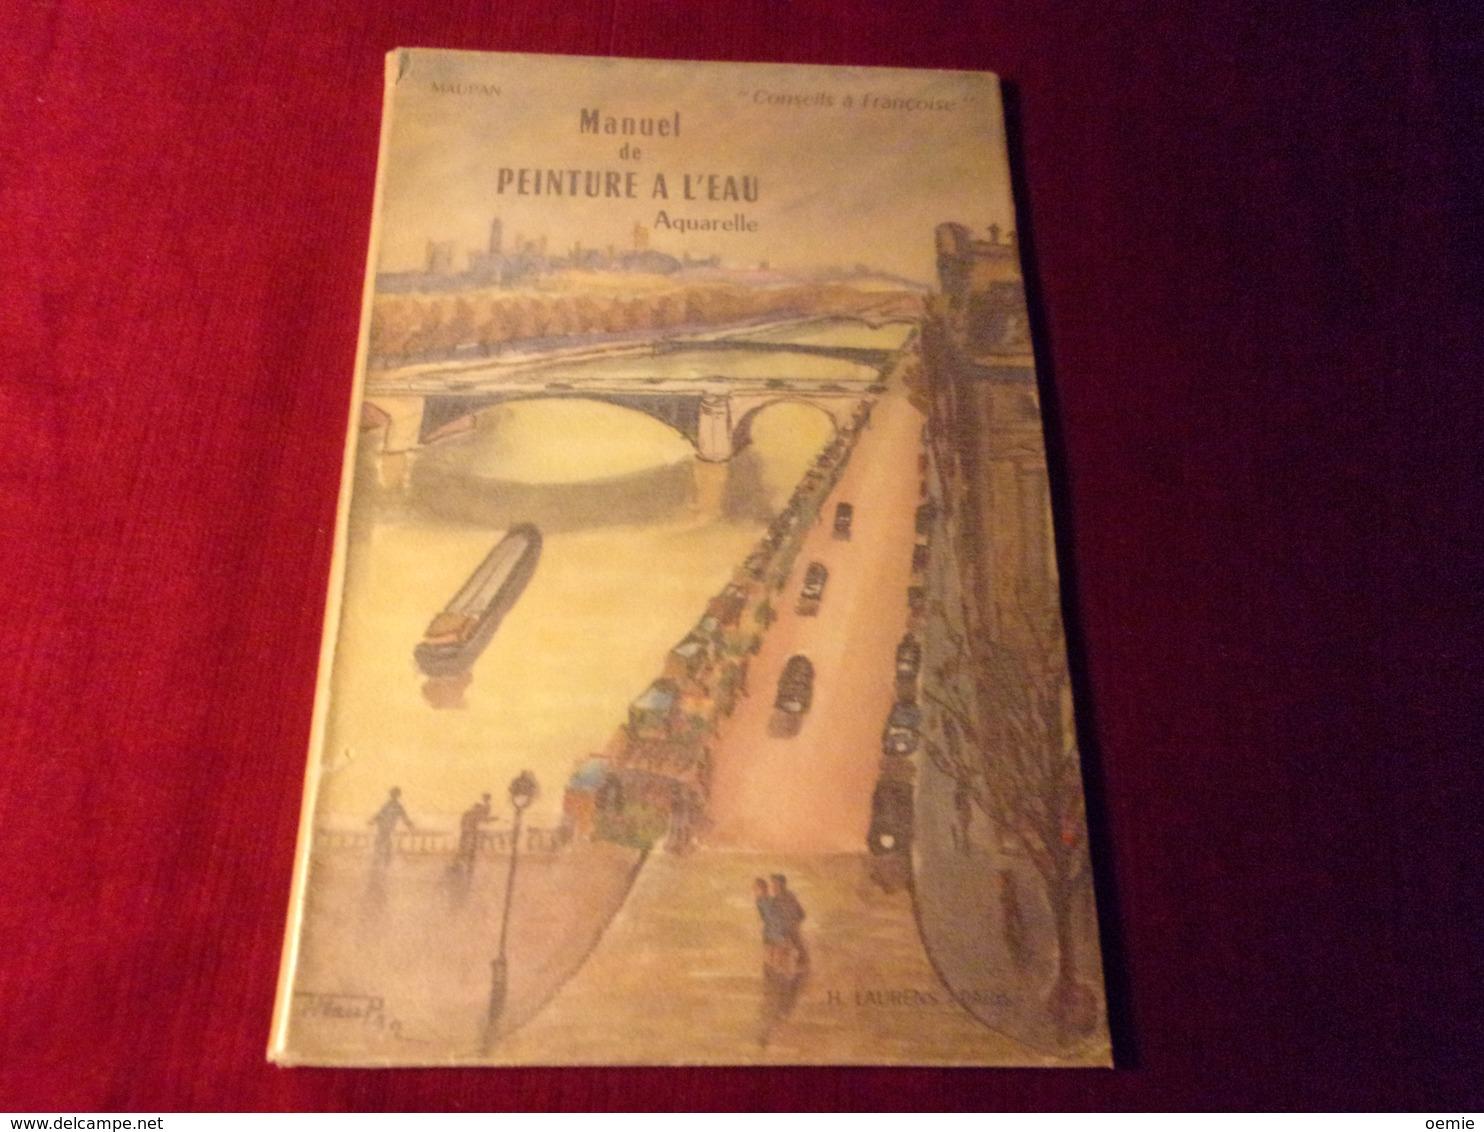 MANUEL DE PEINTURE A L'EAU PAR MAUPAN  EDITION H LAURENS PARIS  1956 - Livres, BD, Revues